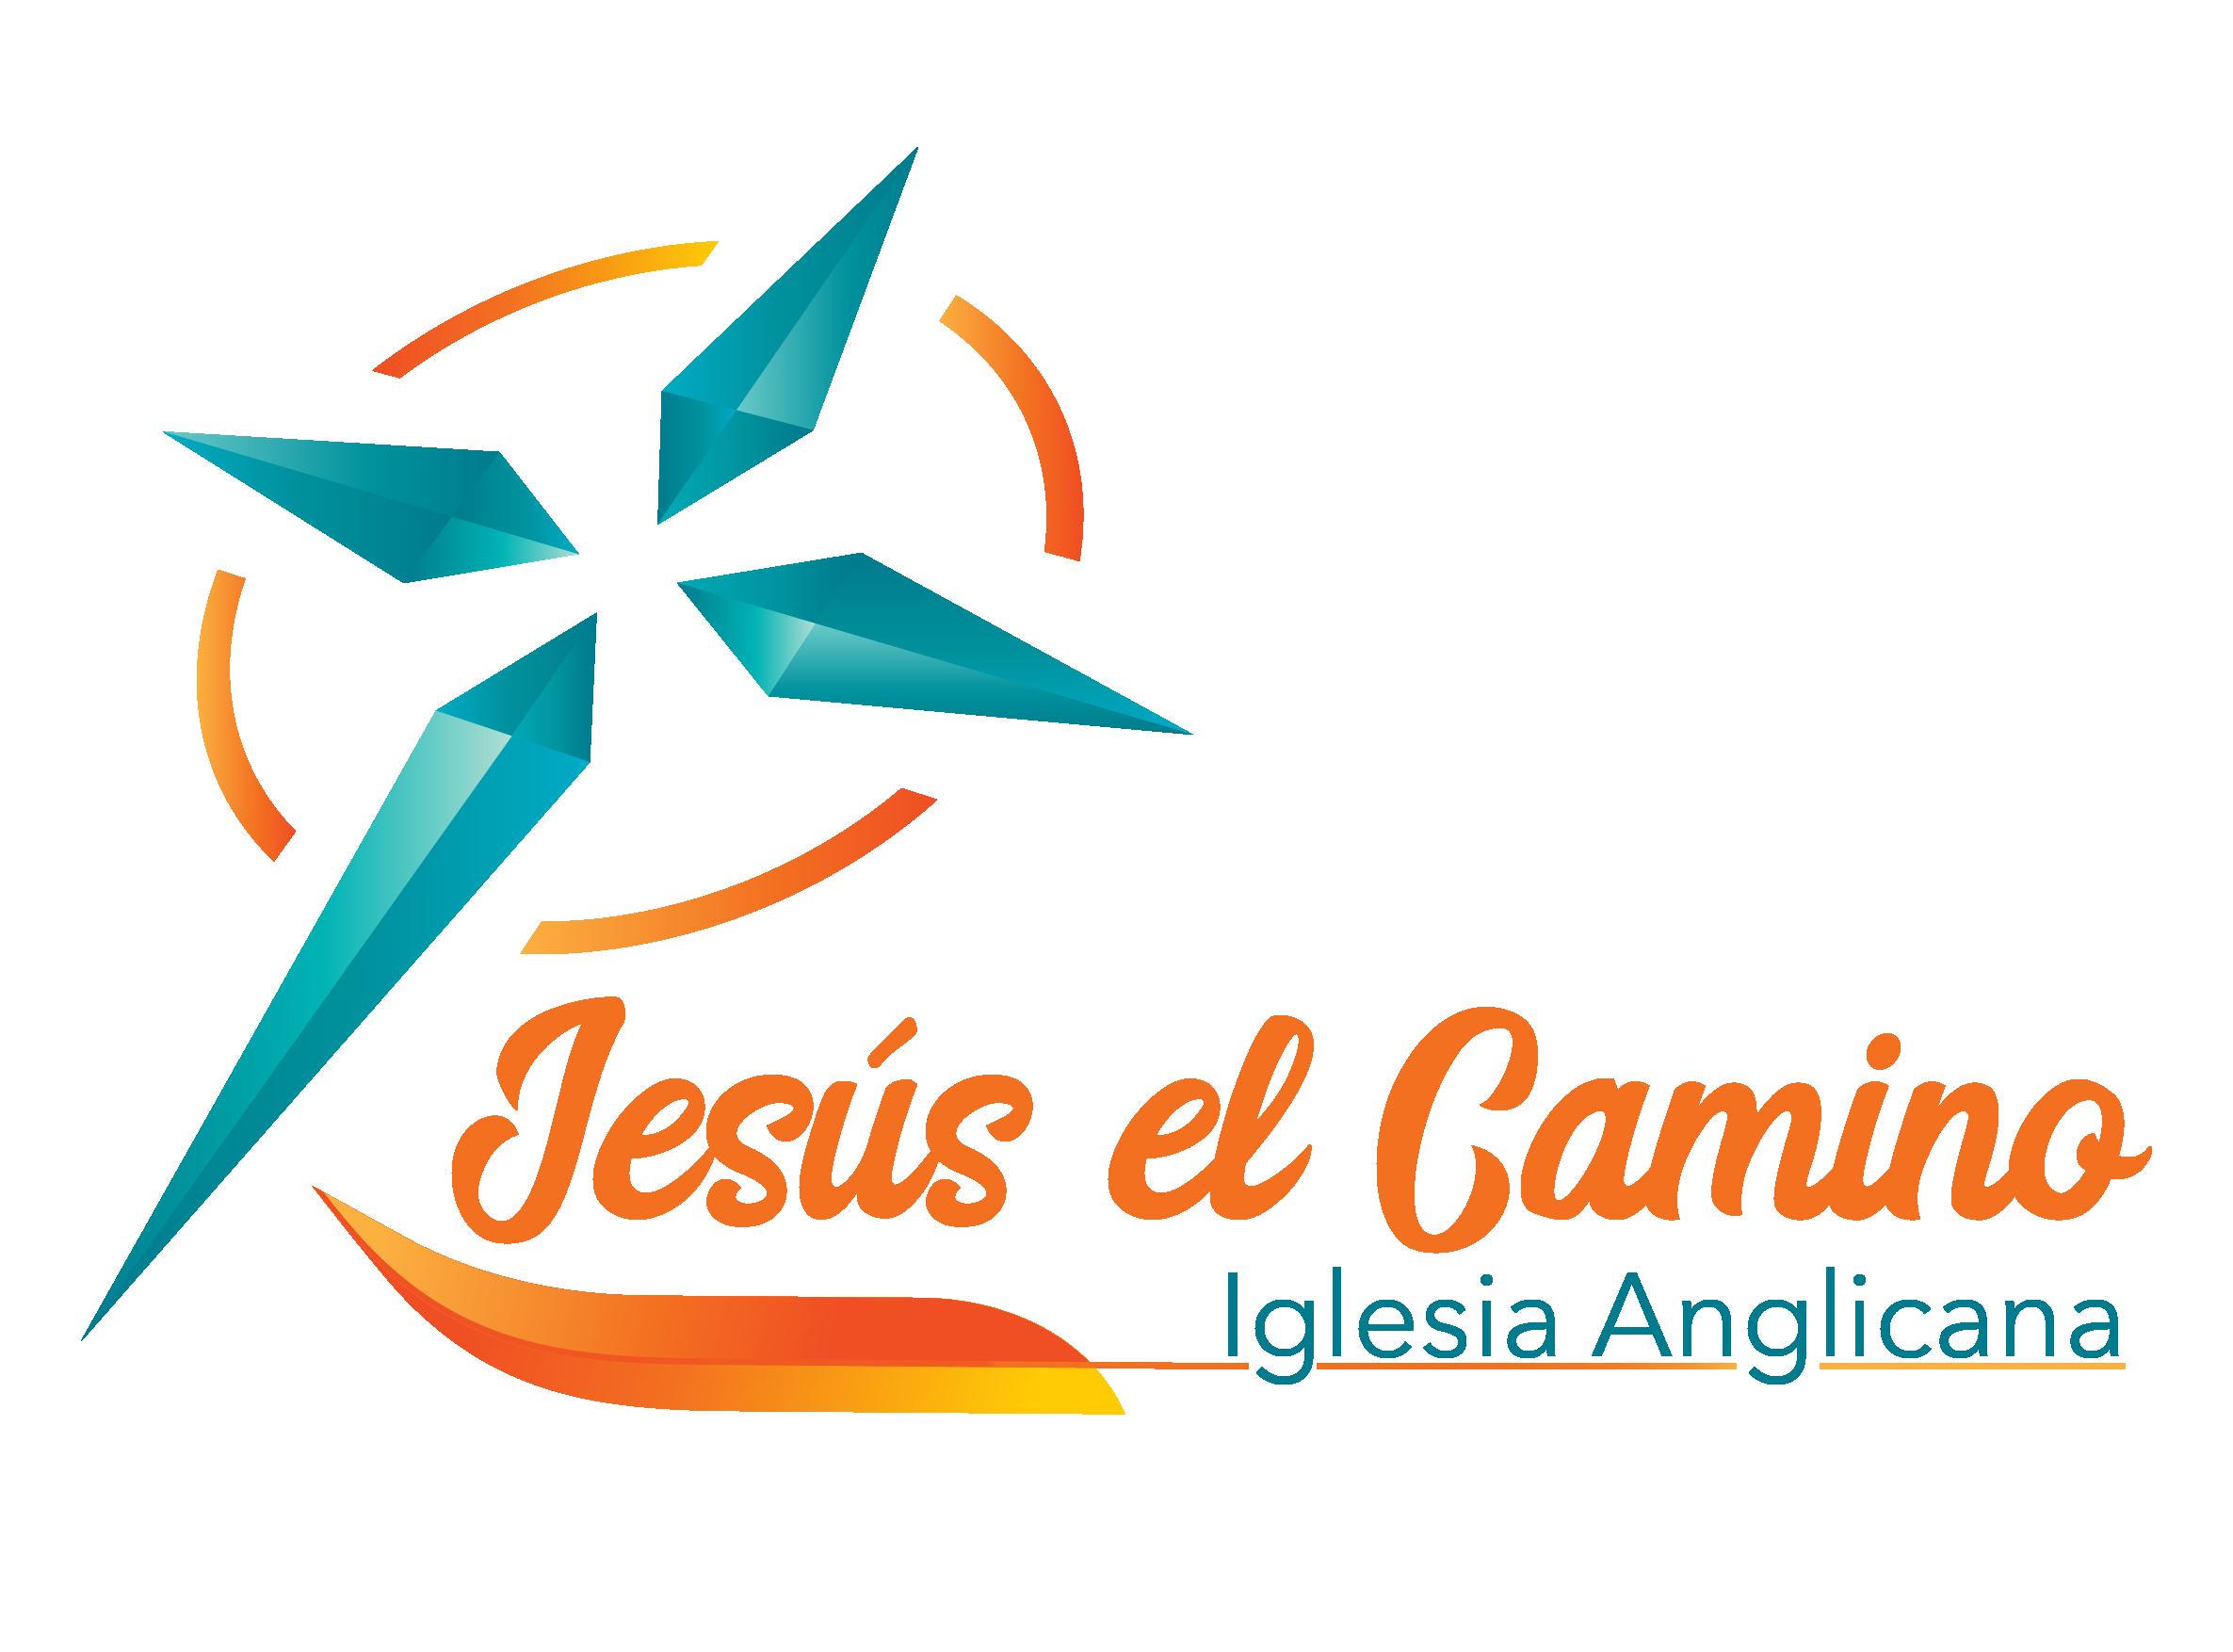 Jesús El Camino